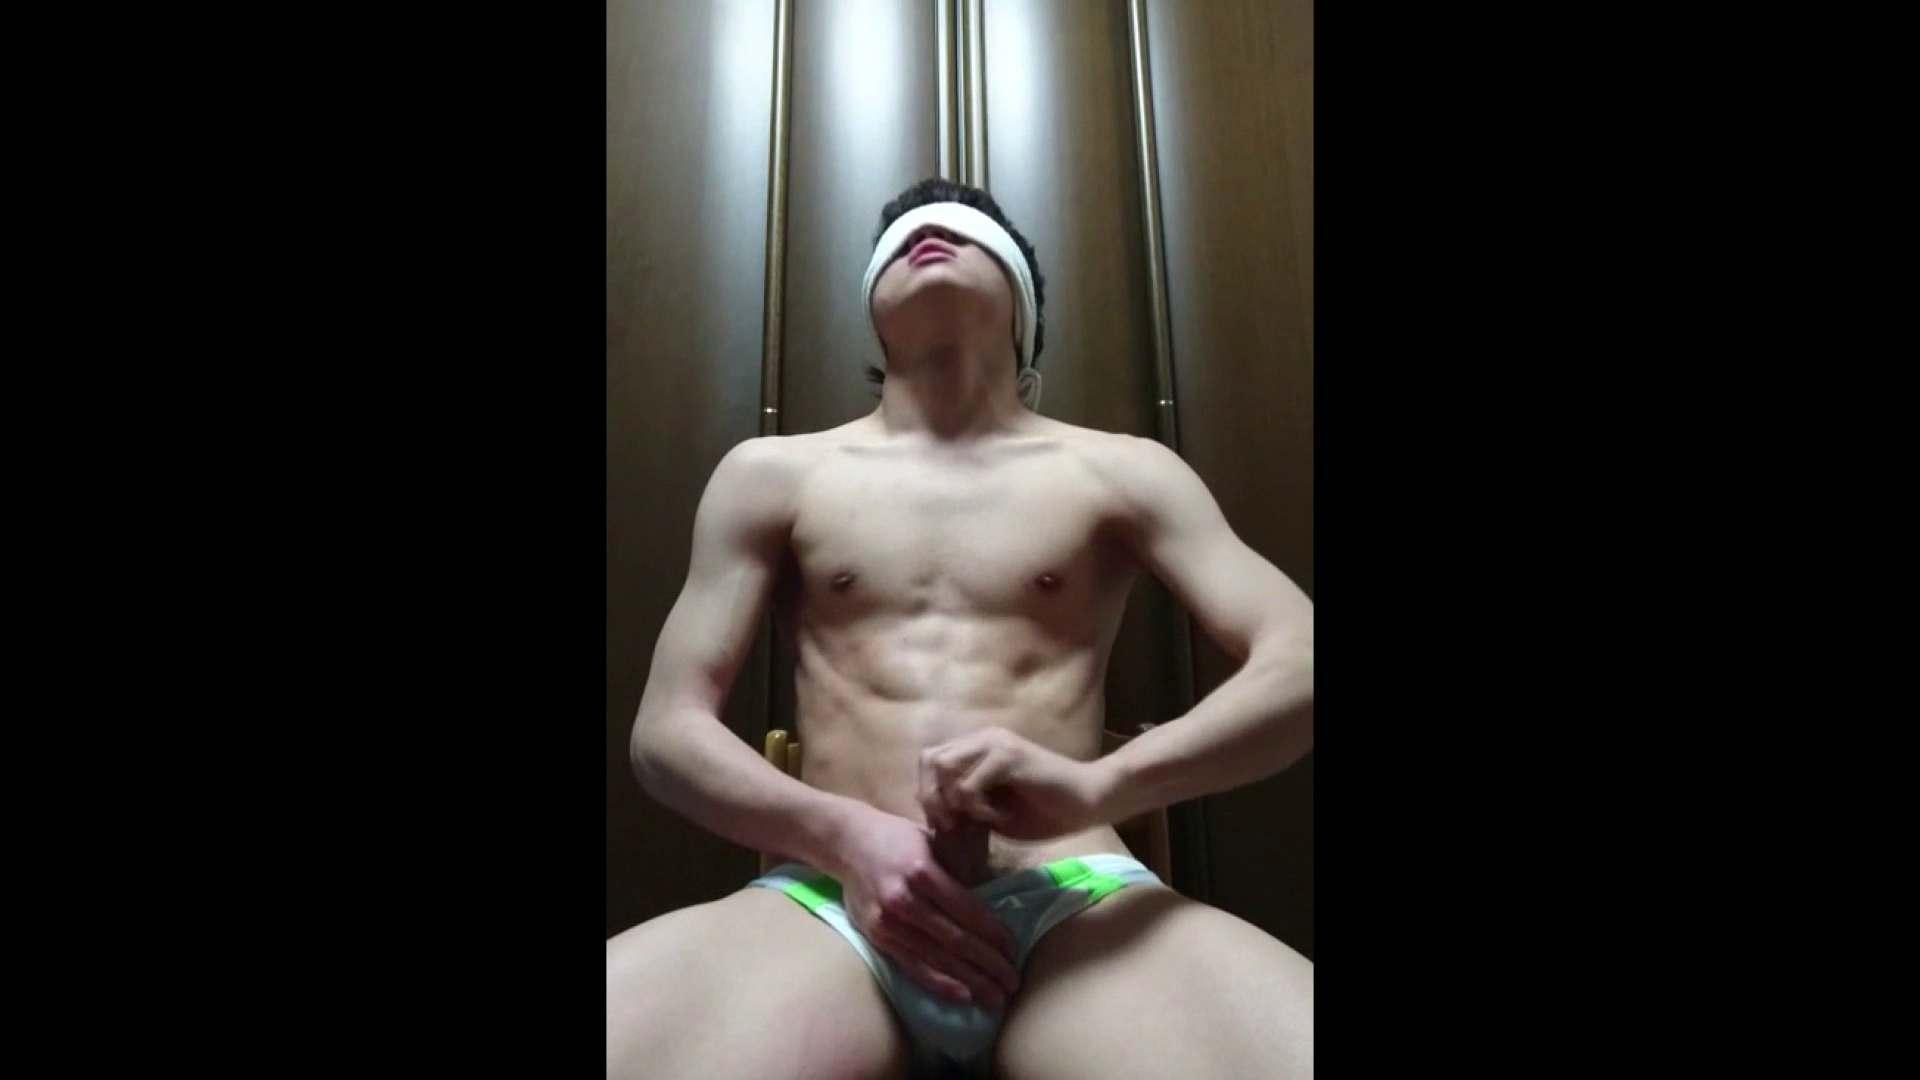 個人撮影 自慰の極意 Vol.21 個人撮影 ゲイエロ動画 93pic 60